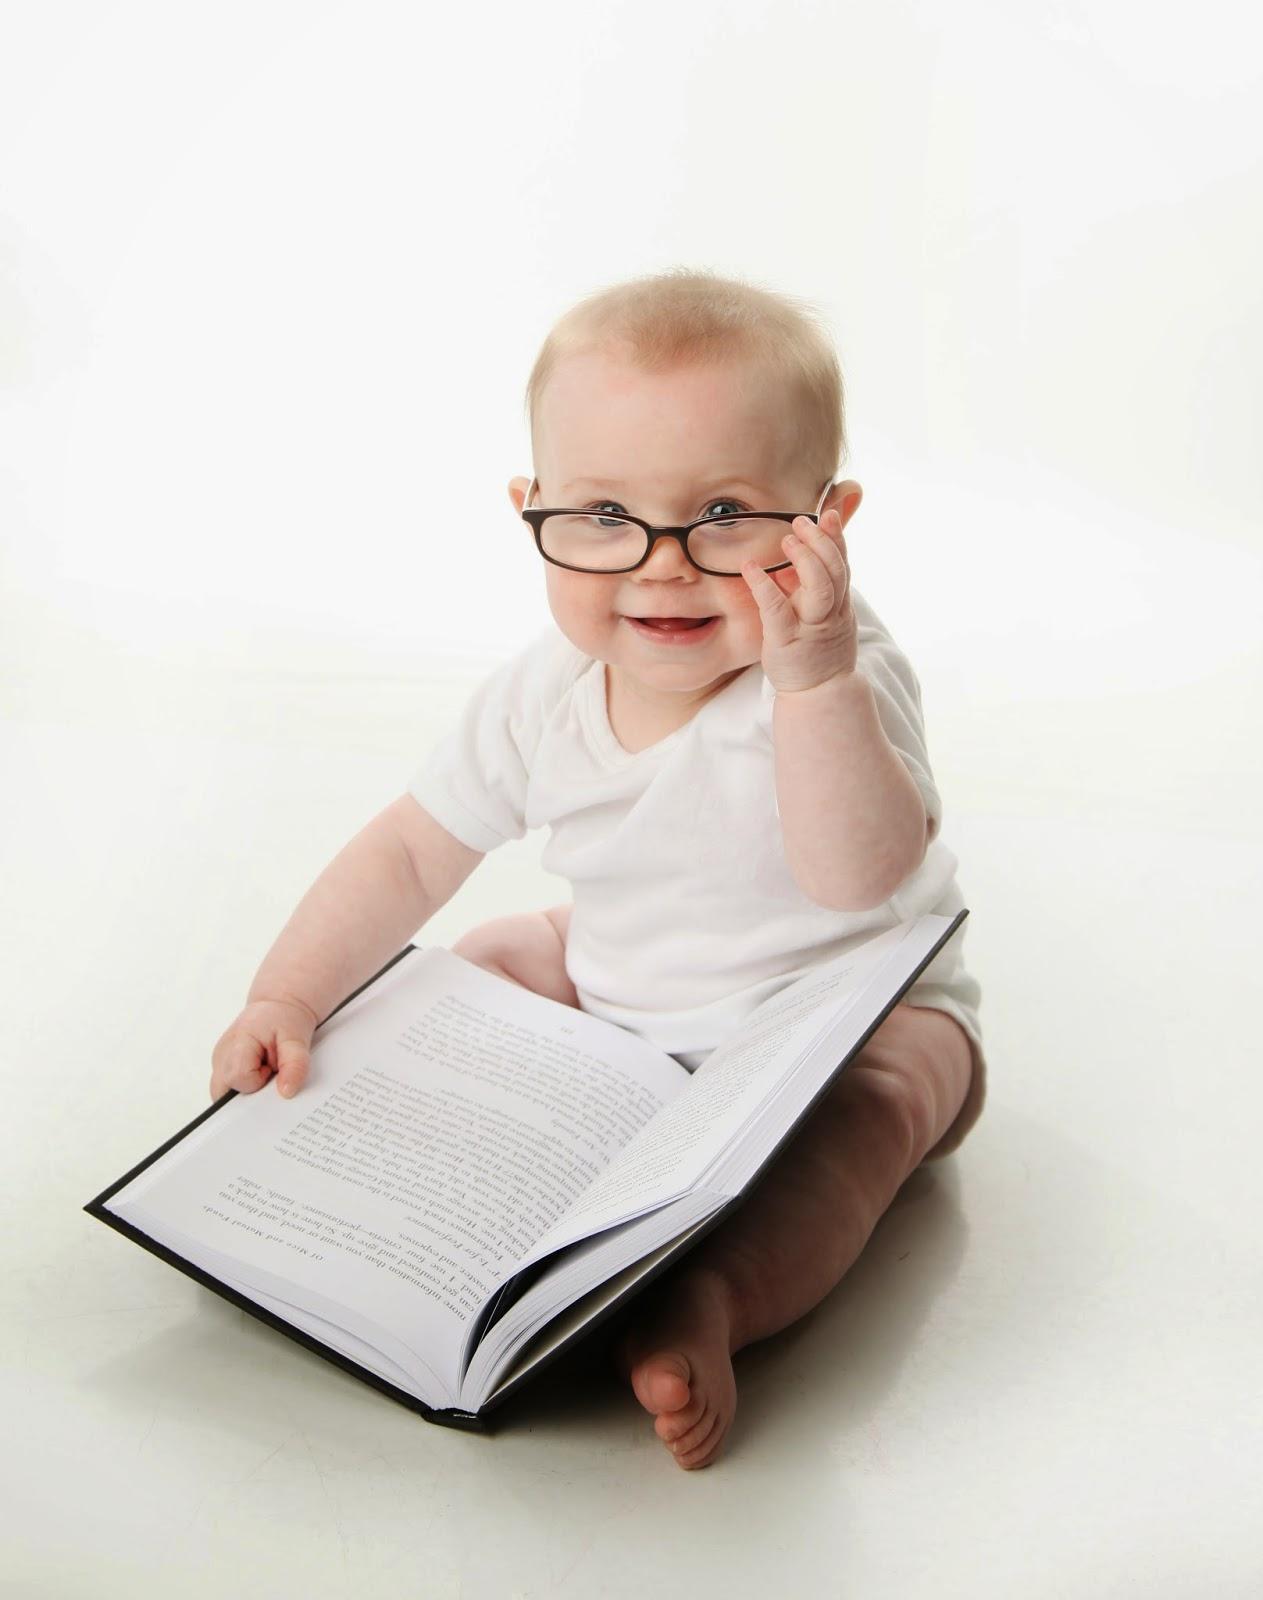 Foto bayi lucu baca buku